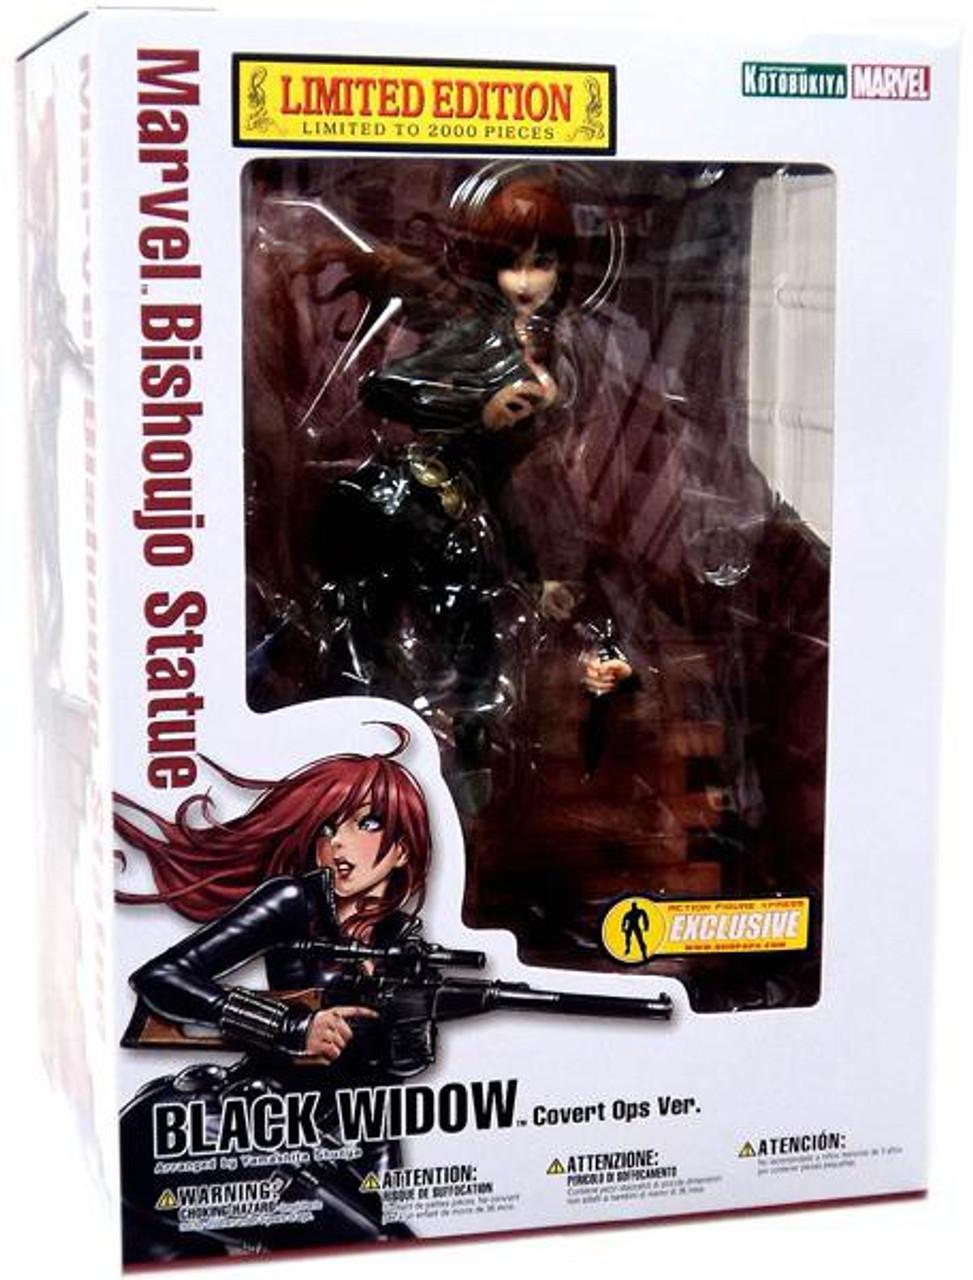 Marvel Bishoujo Black Widow Exclusive Statue